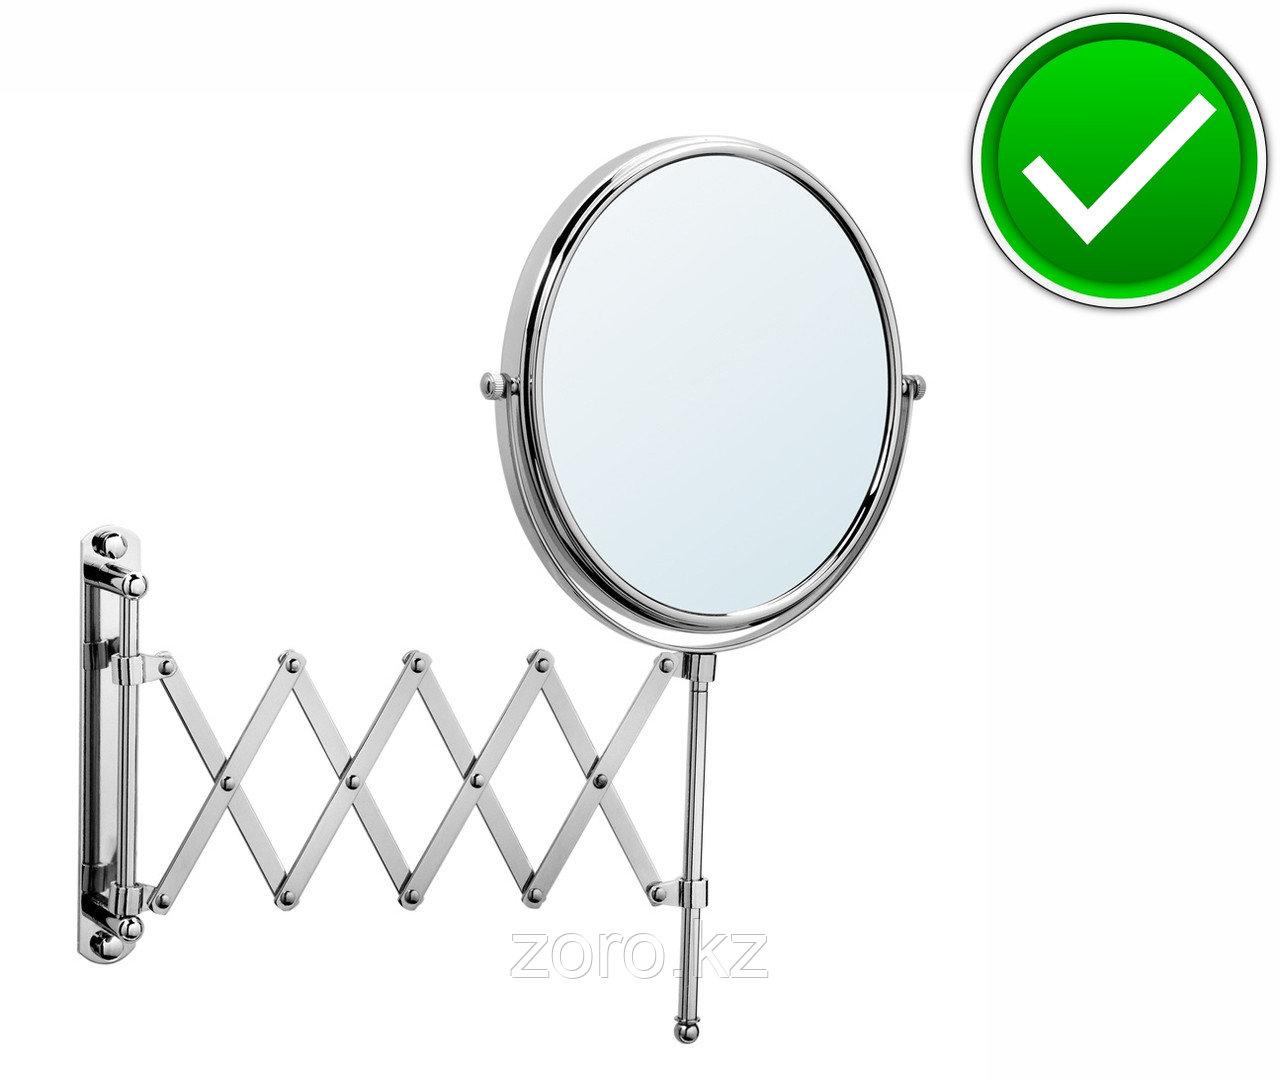 Настенное зеркало увеличительное.